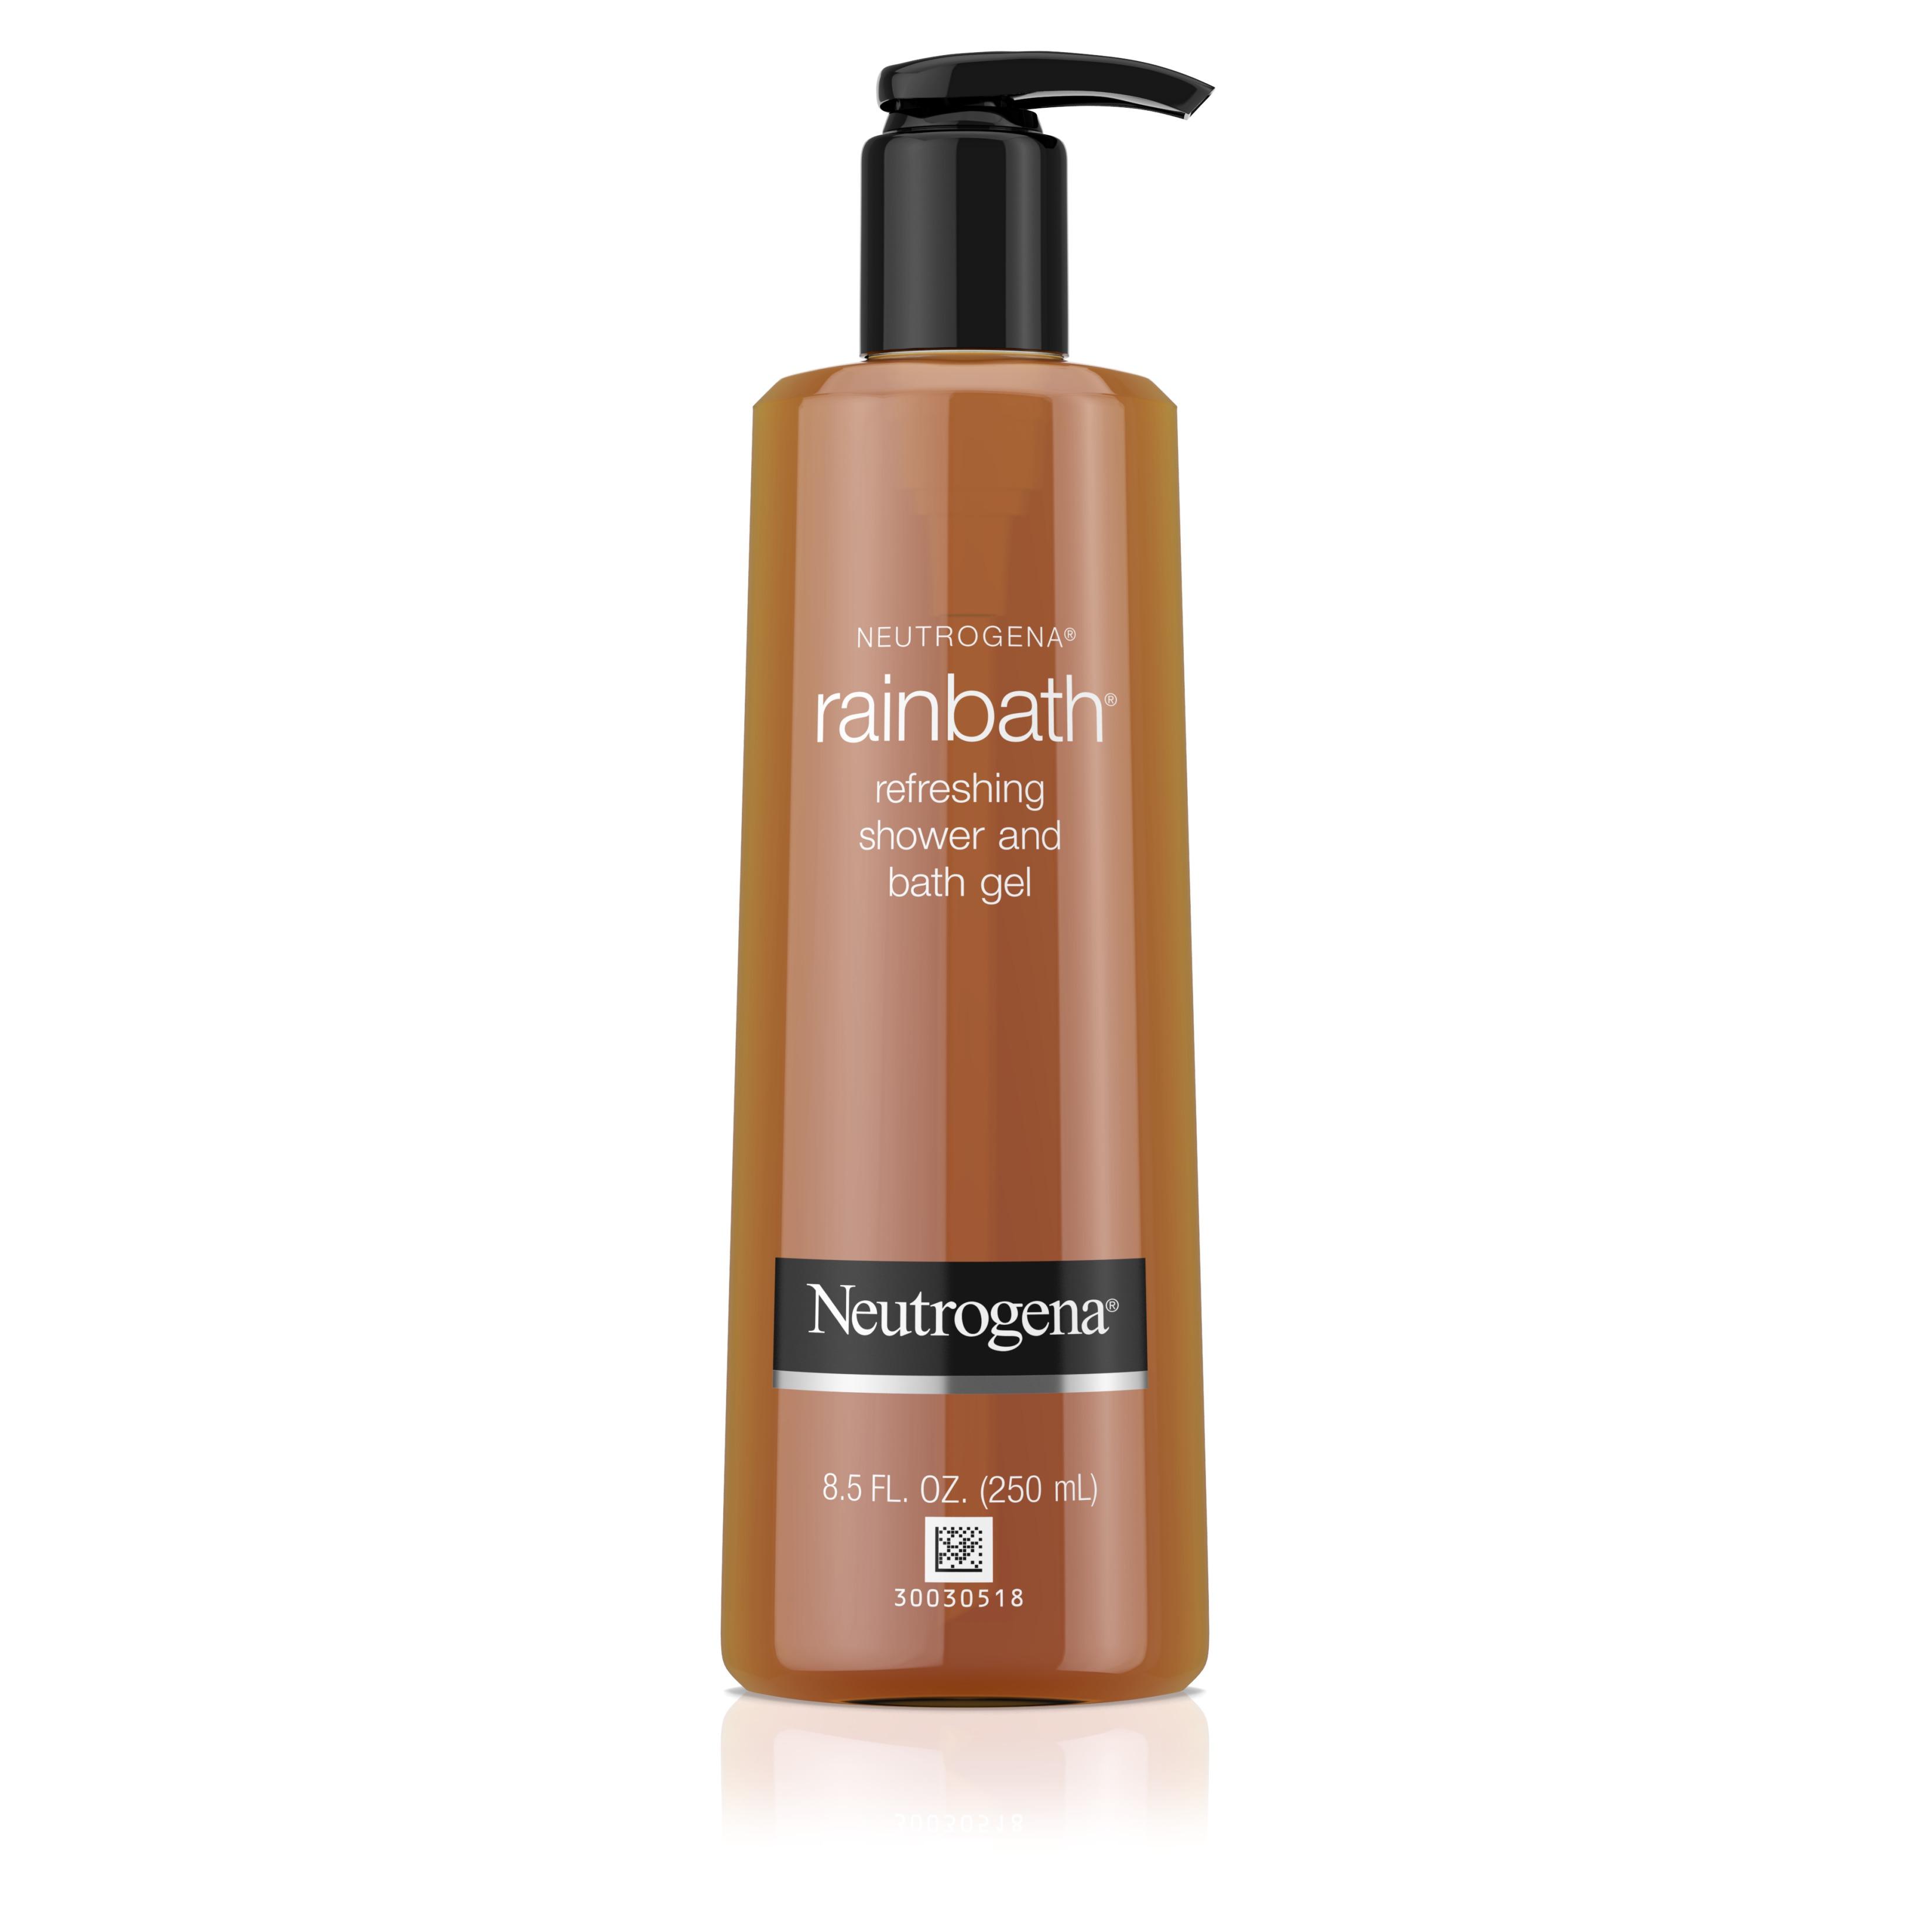 Neutrogena Rainbath Refreshing Shower And Bath Gel, Body Wash, Original, 8.5 Fl. Oz.